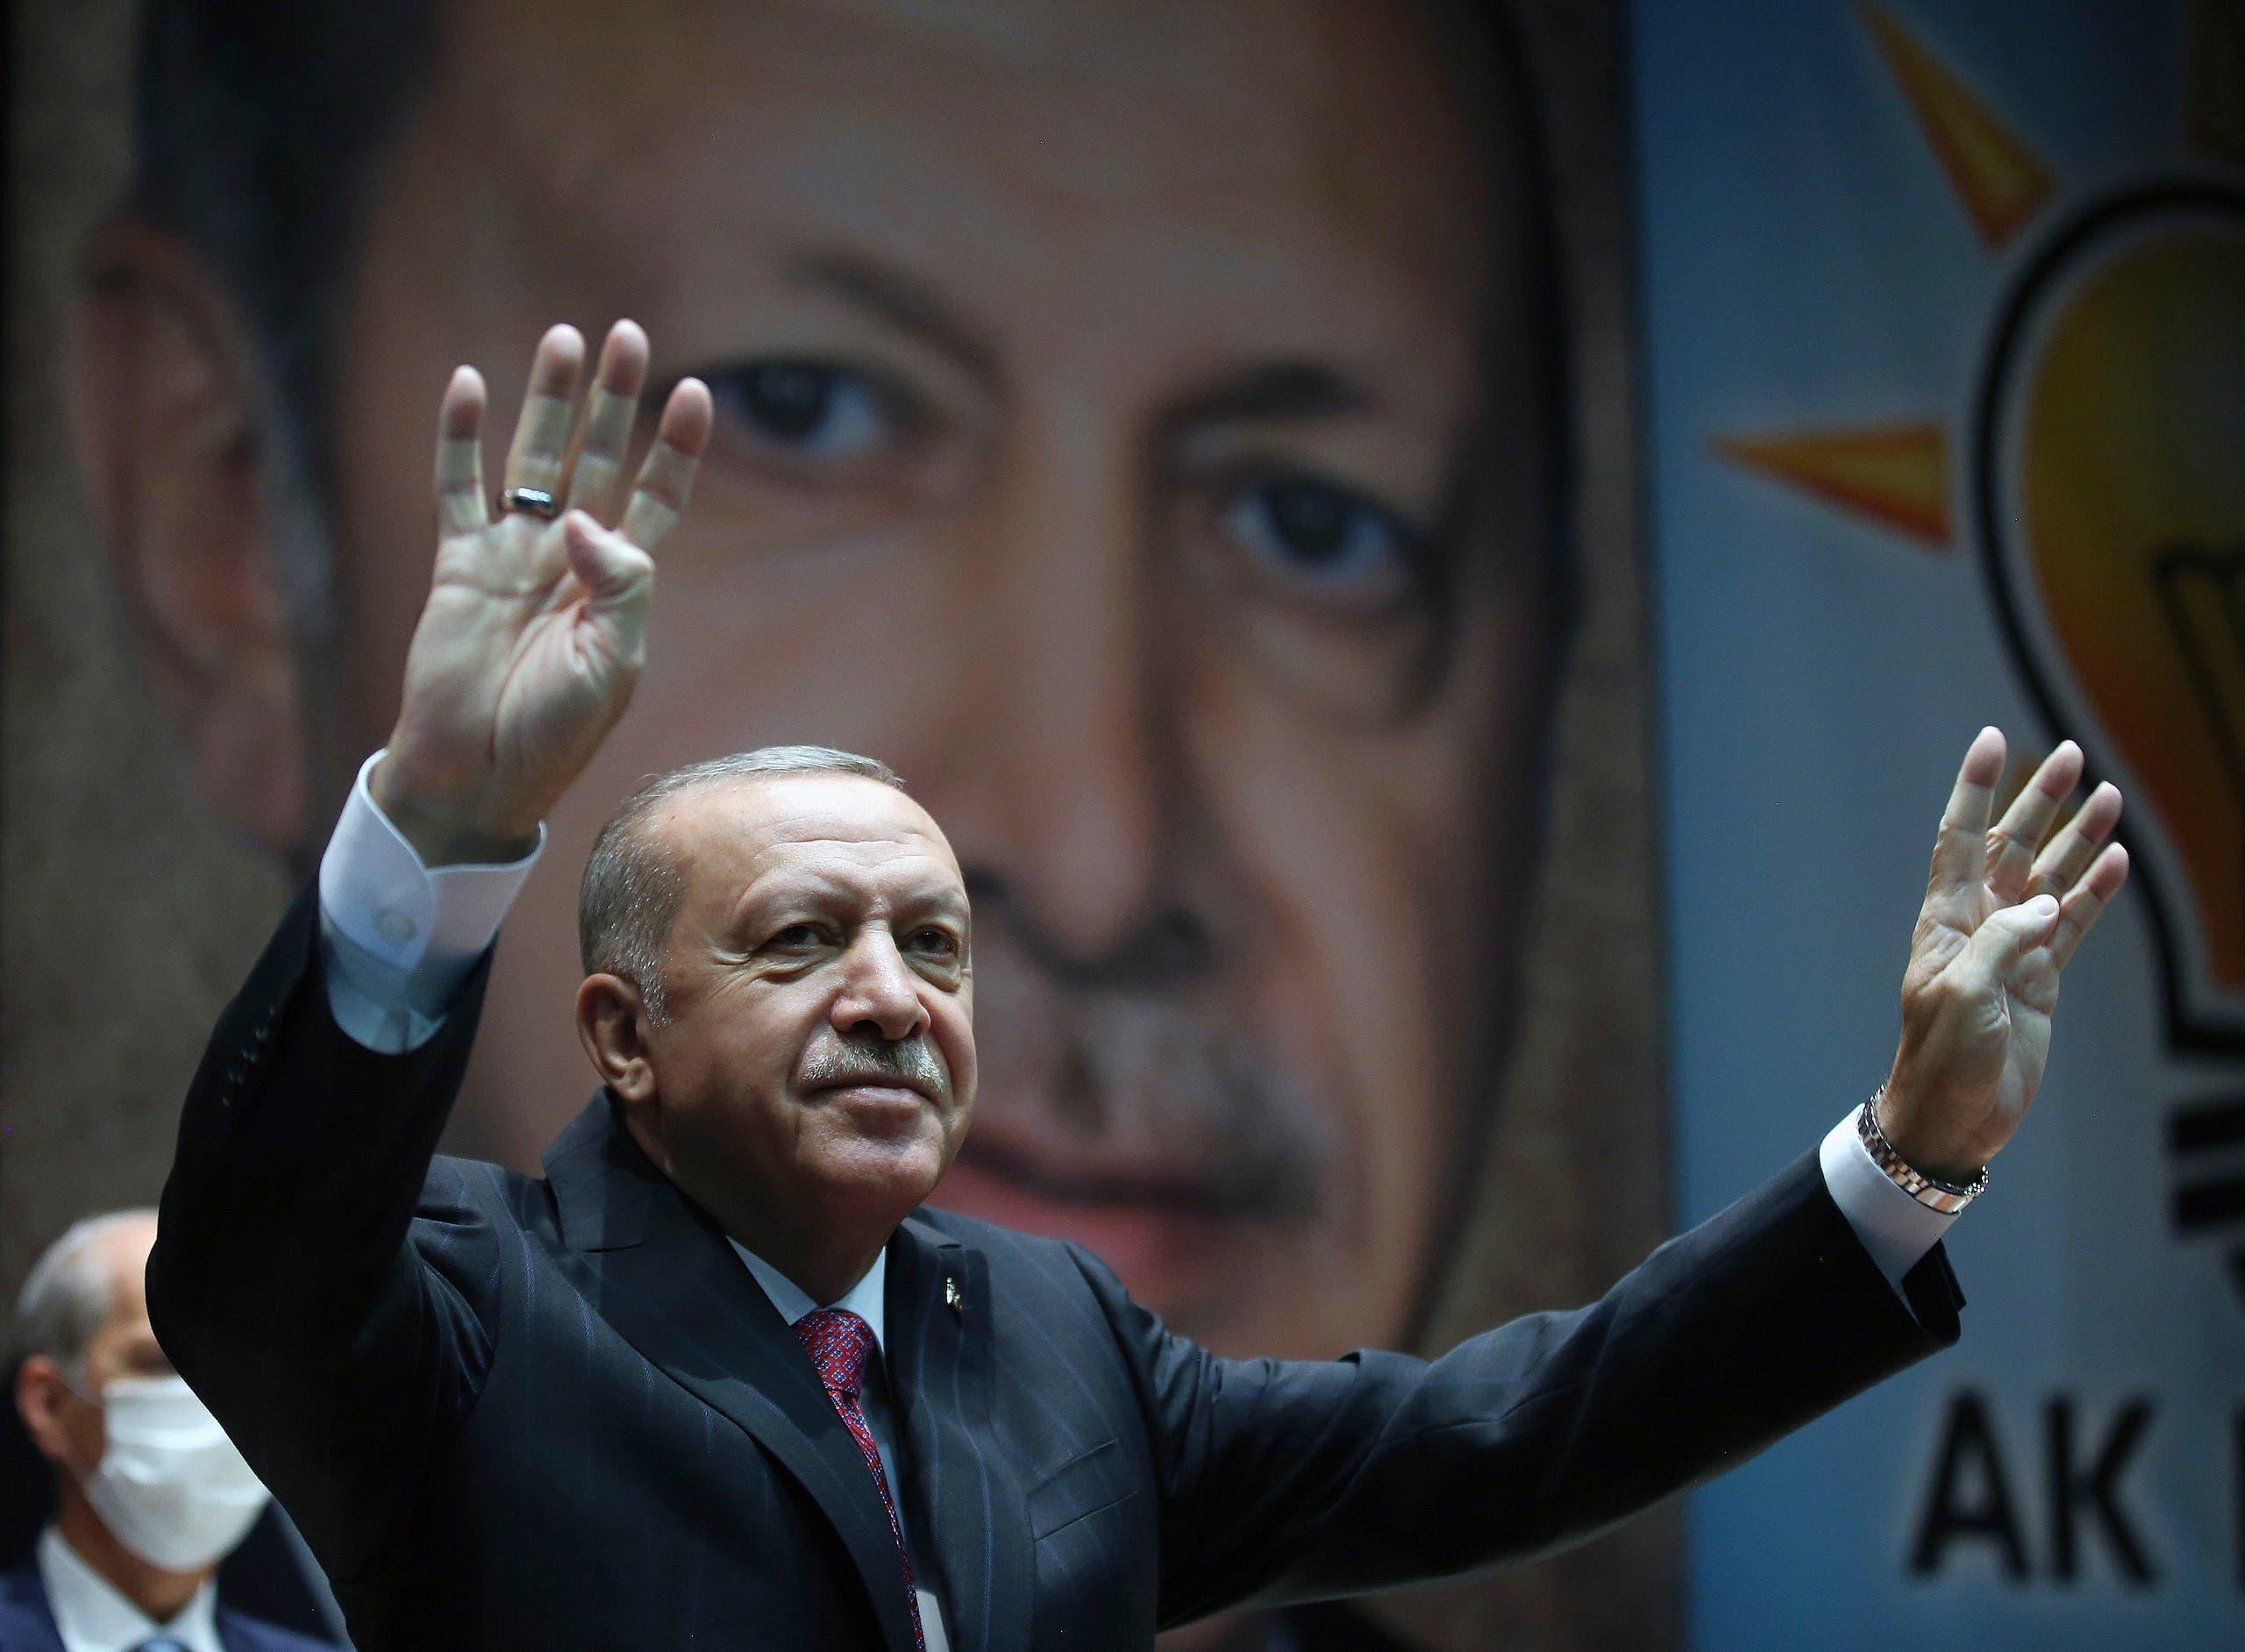 Turkey's President Recep Tayyip Erdogan gestures as he addresses his party members, in Ankara, Turkey on Aug. 13, 2020. (AP)